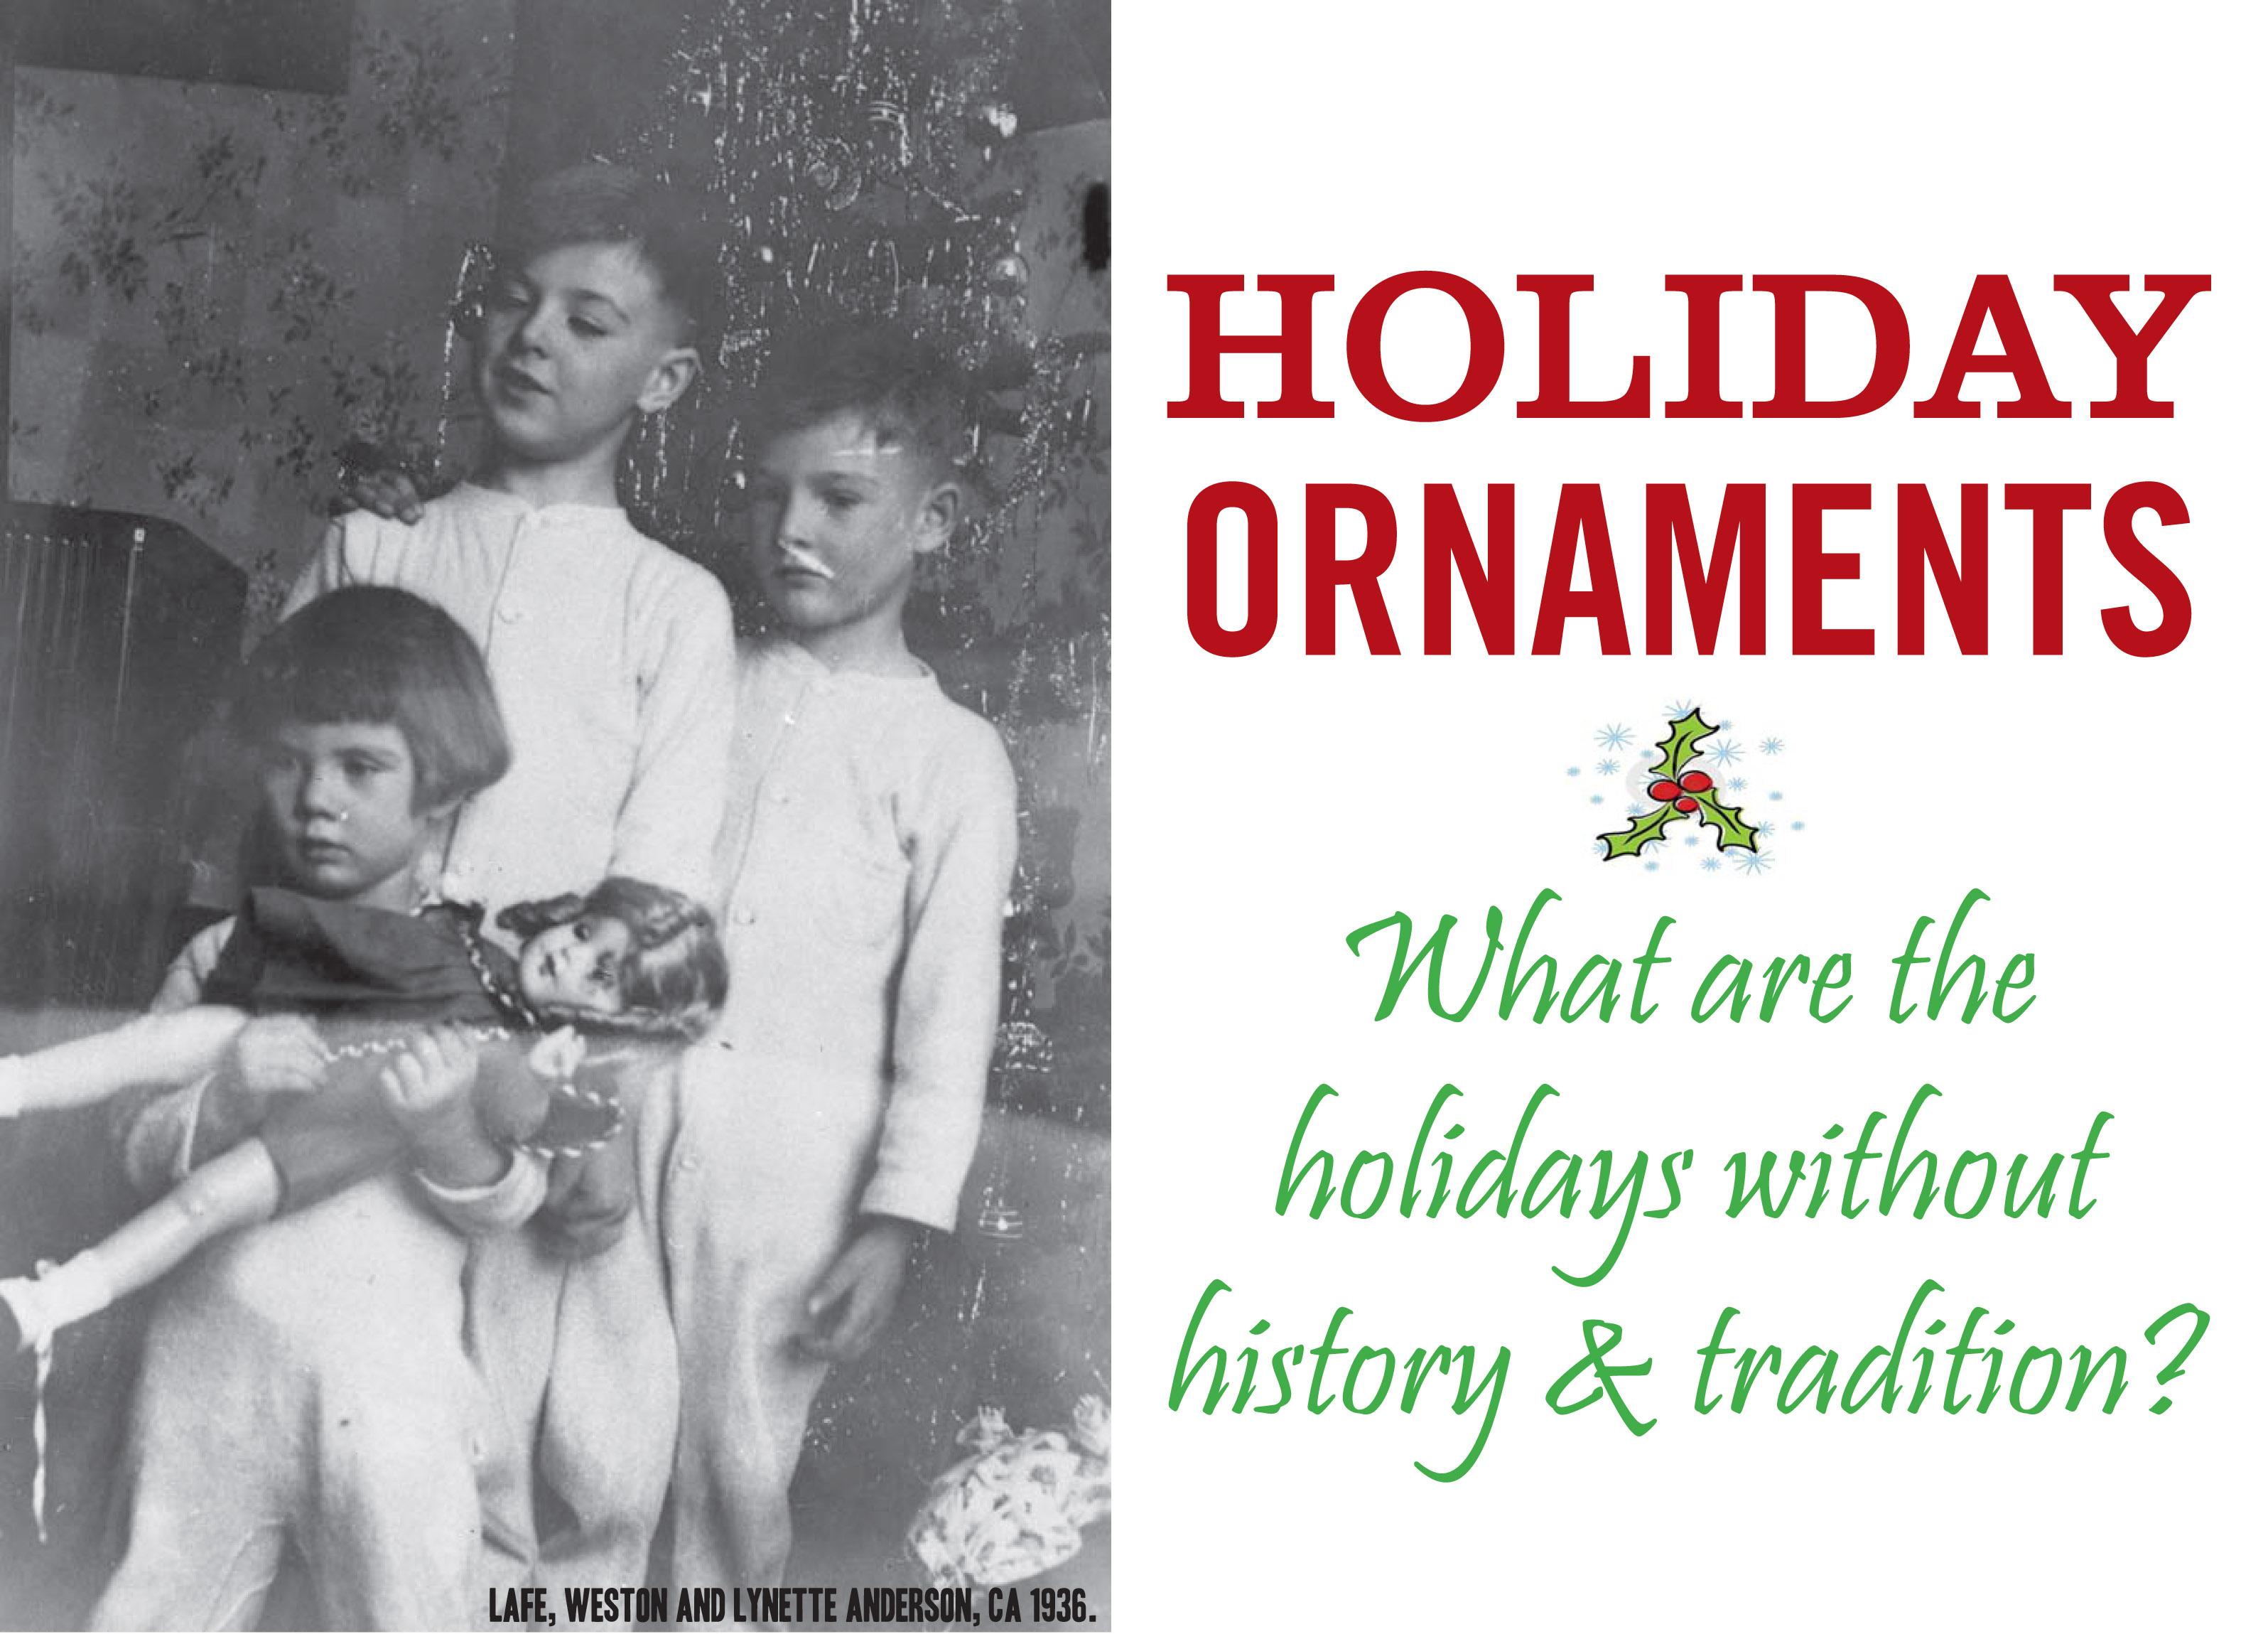 OrnamentGivingPage.indd